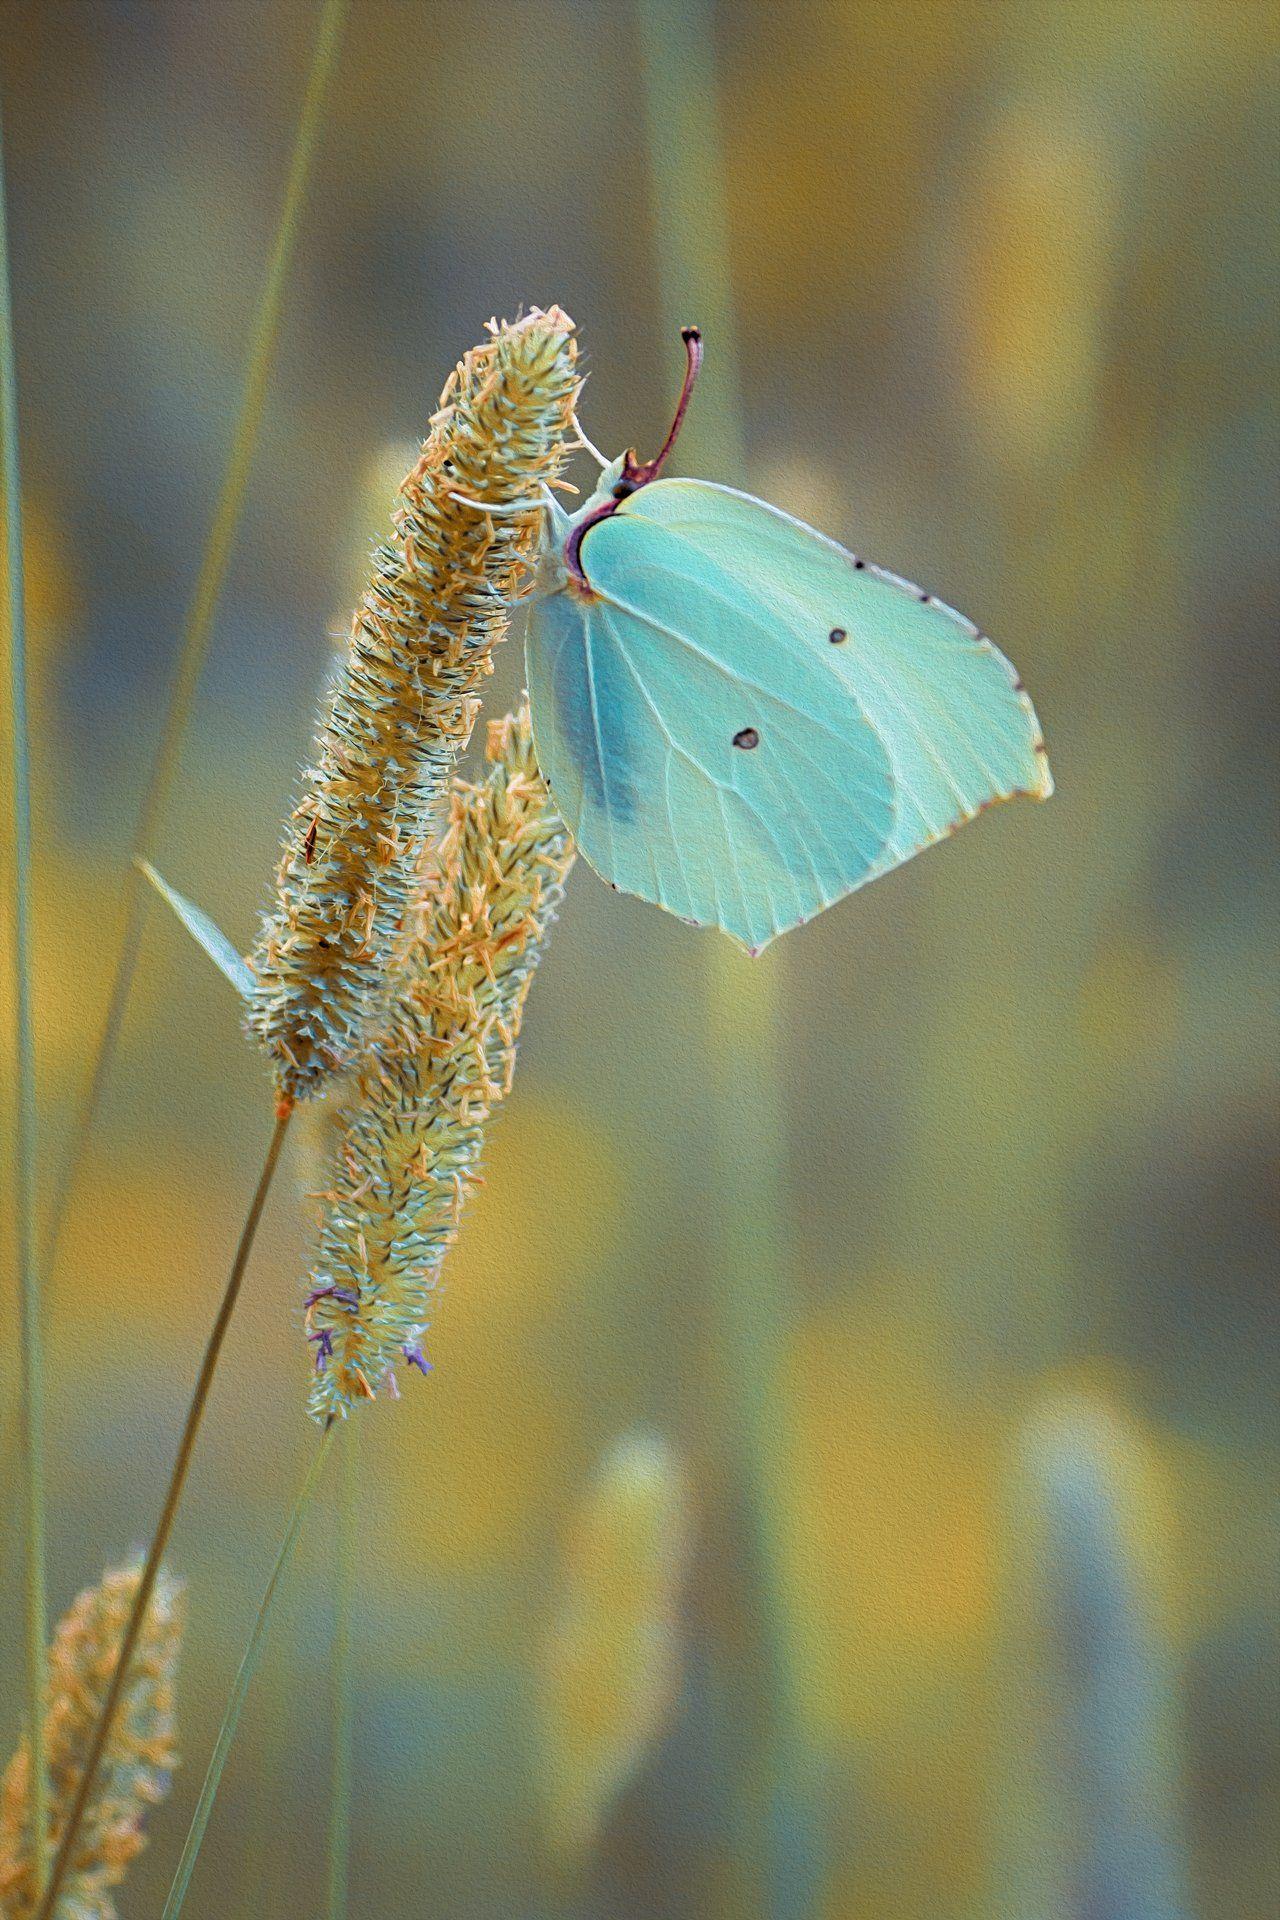 бабочка,цветы, желтый, лапки, цвет, Котов Юрий